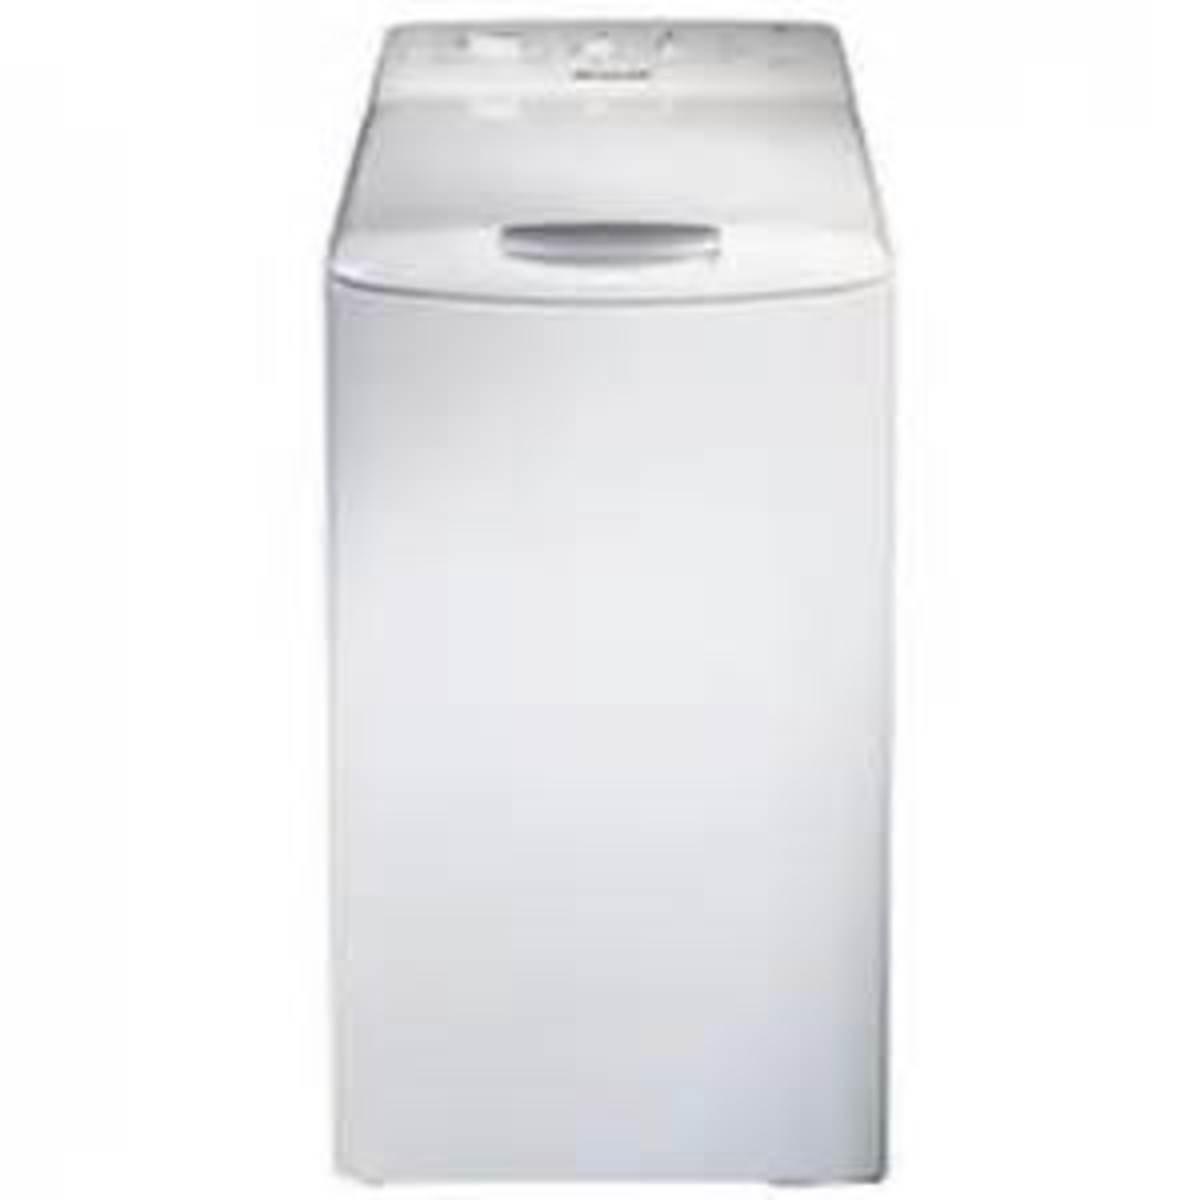 頂揭式6公斤洗衣機